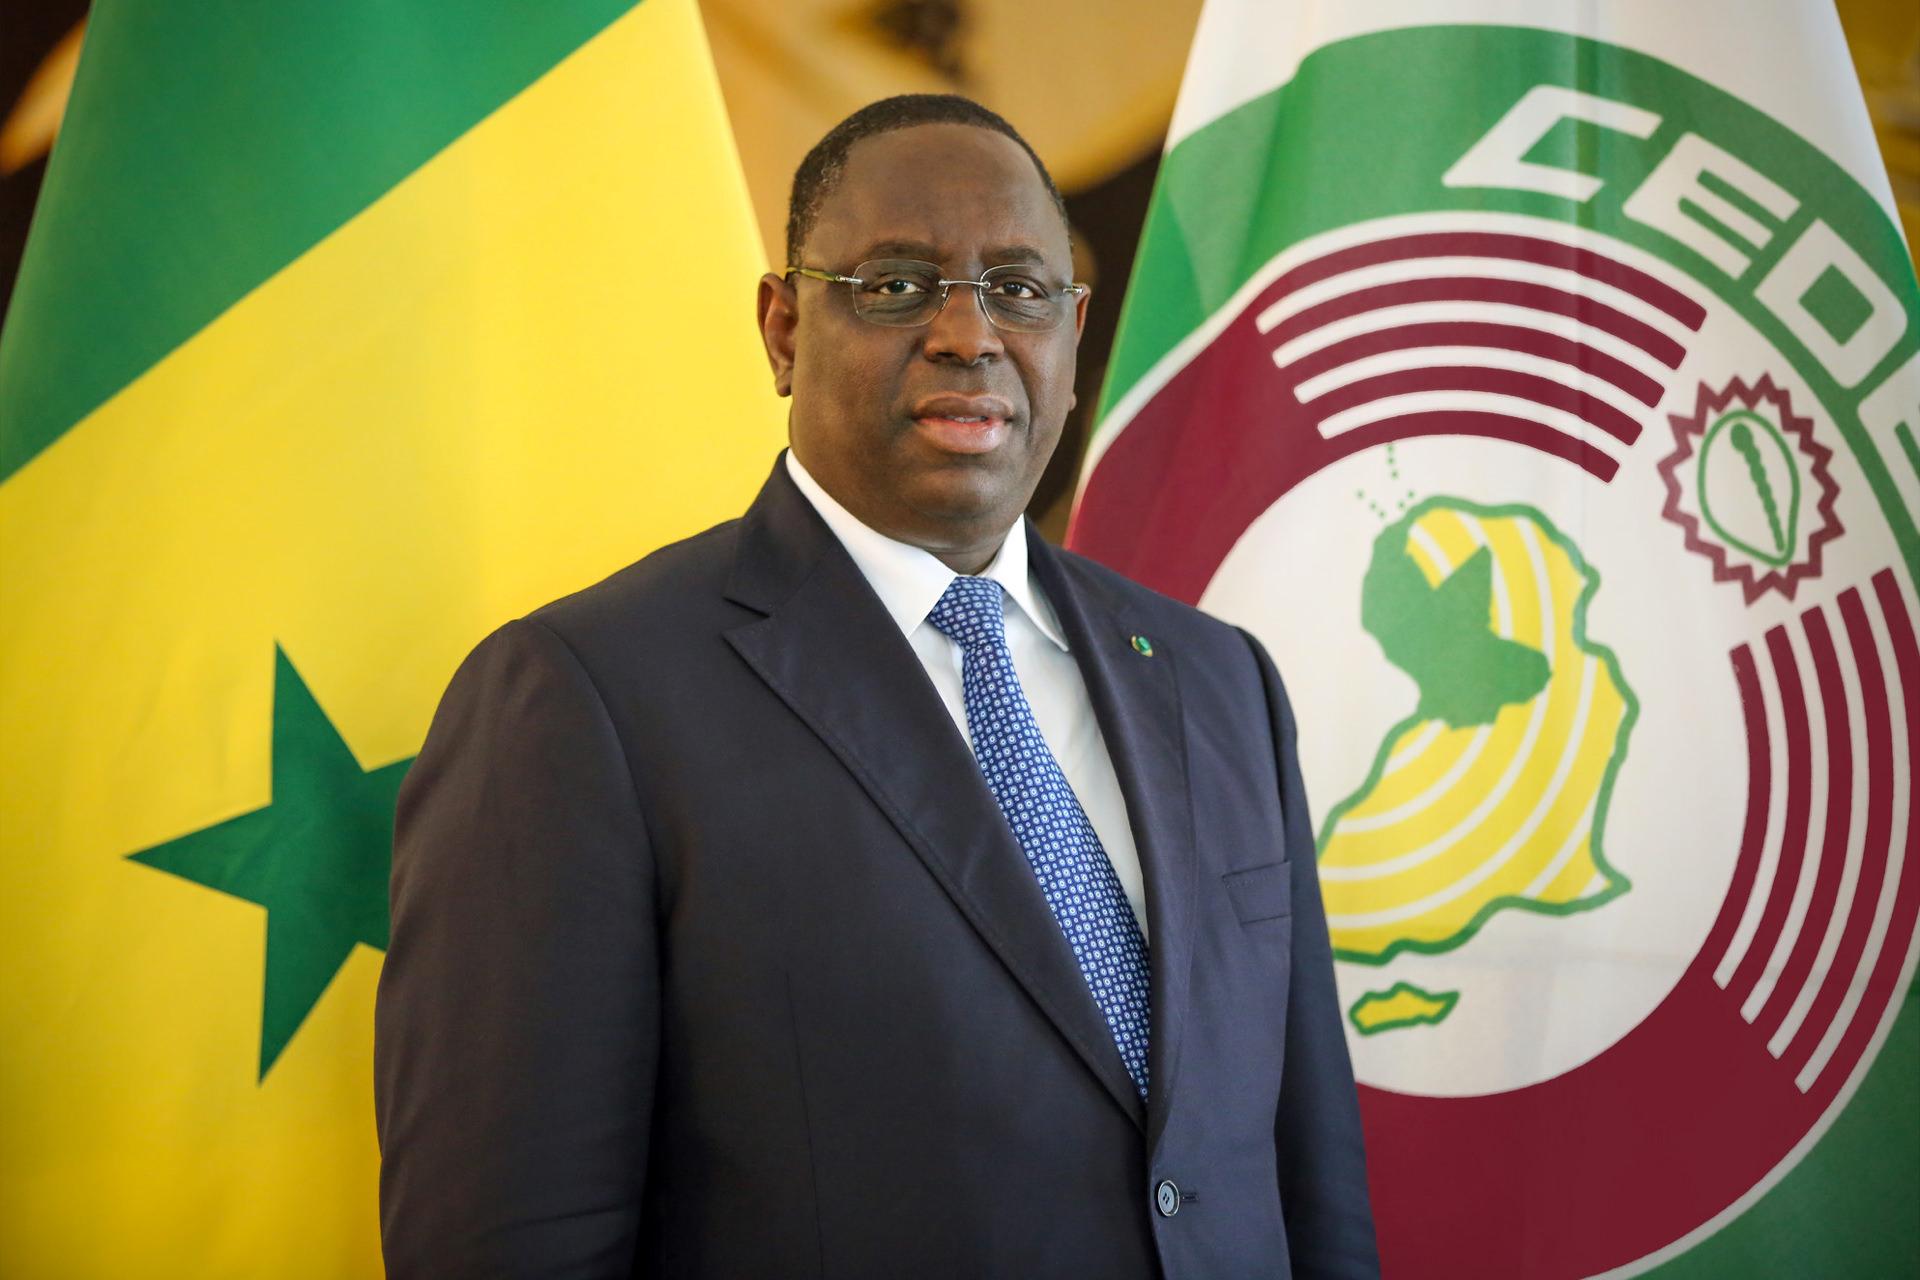 fde7c85e9a063 Biographie de Macky Sall, Président de la République du Sénégal